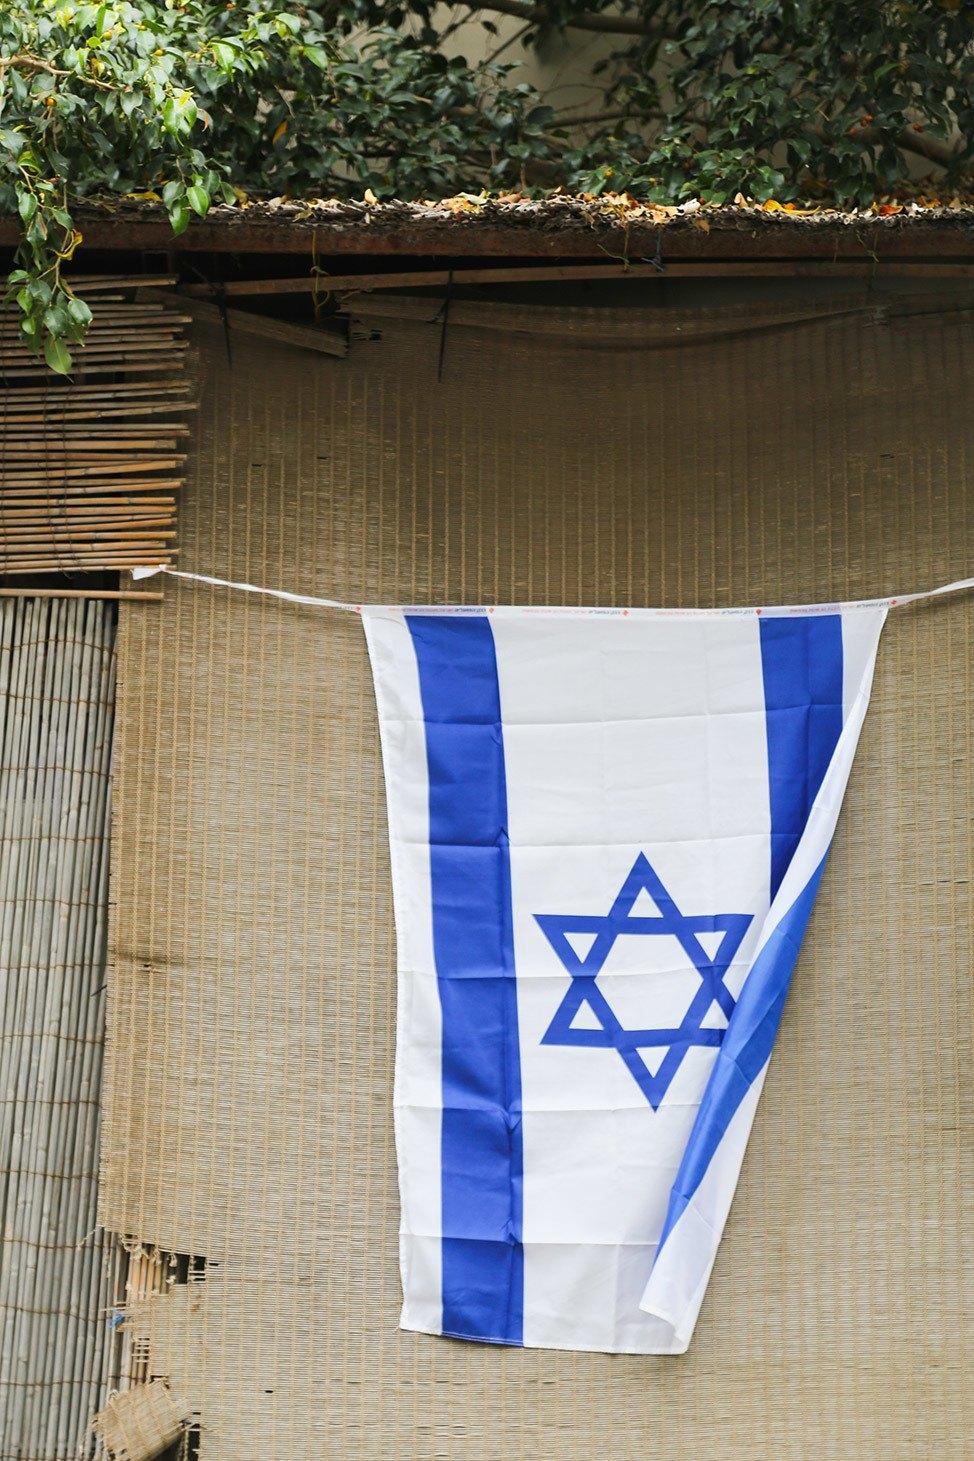 Israeli Flag in Tel Aviv